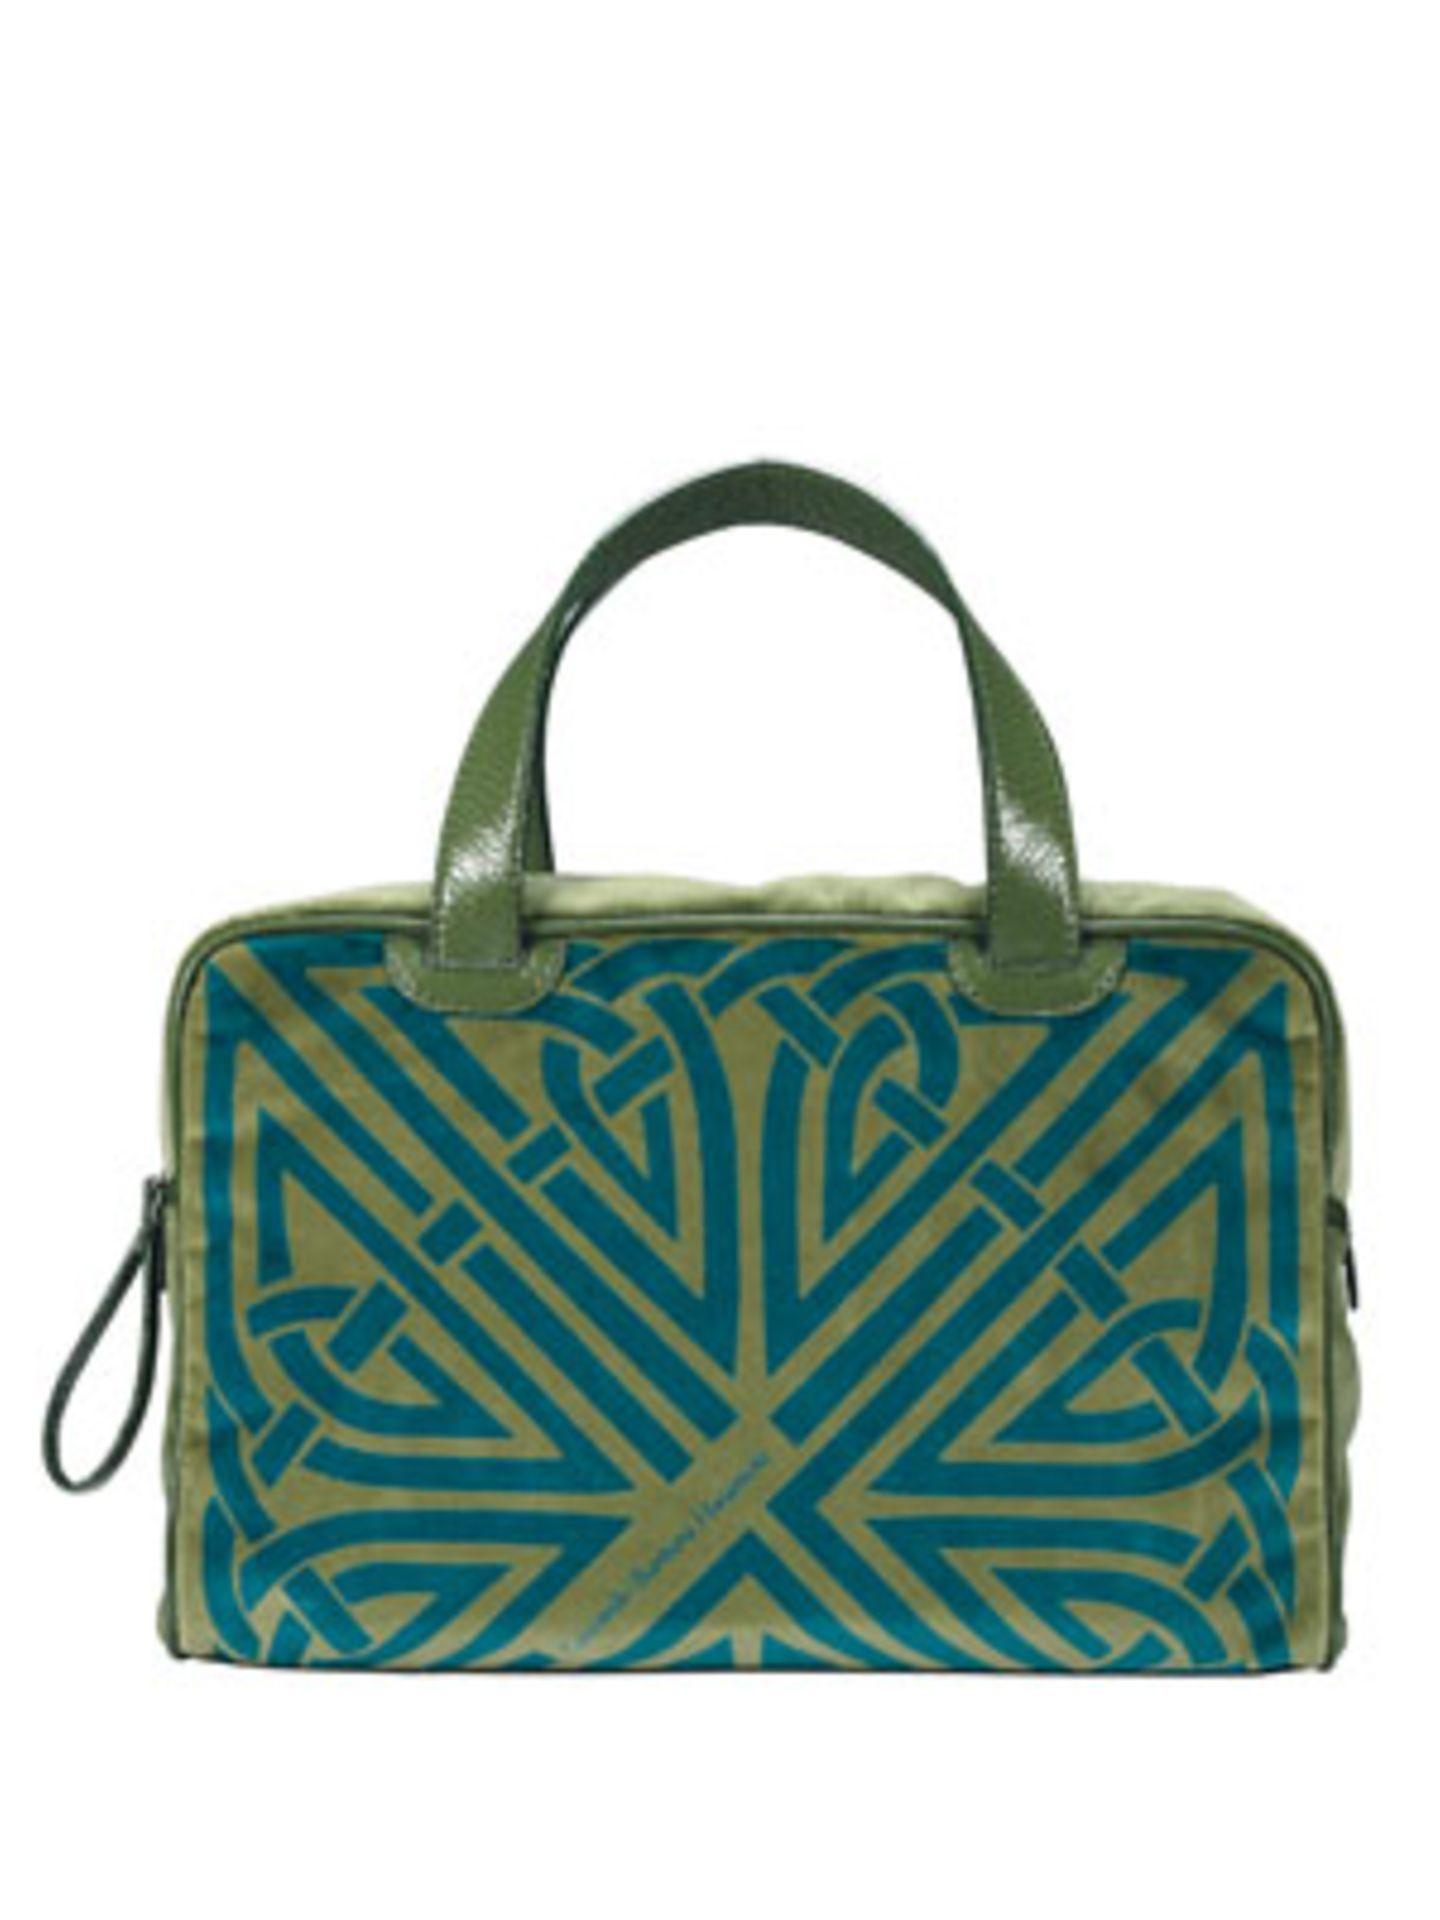 Dieser schöne grüne XL-Shopper entstand in Zusammenarbeit des renommierten Taschen-Labels Coccinelle mit der Designerin Barbara Hulanicki. Um 210 Euro.